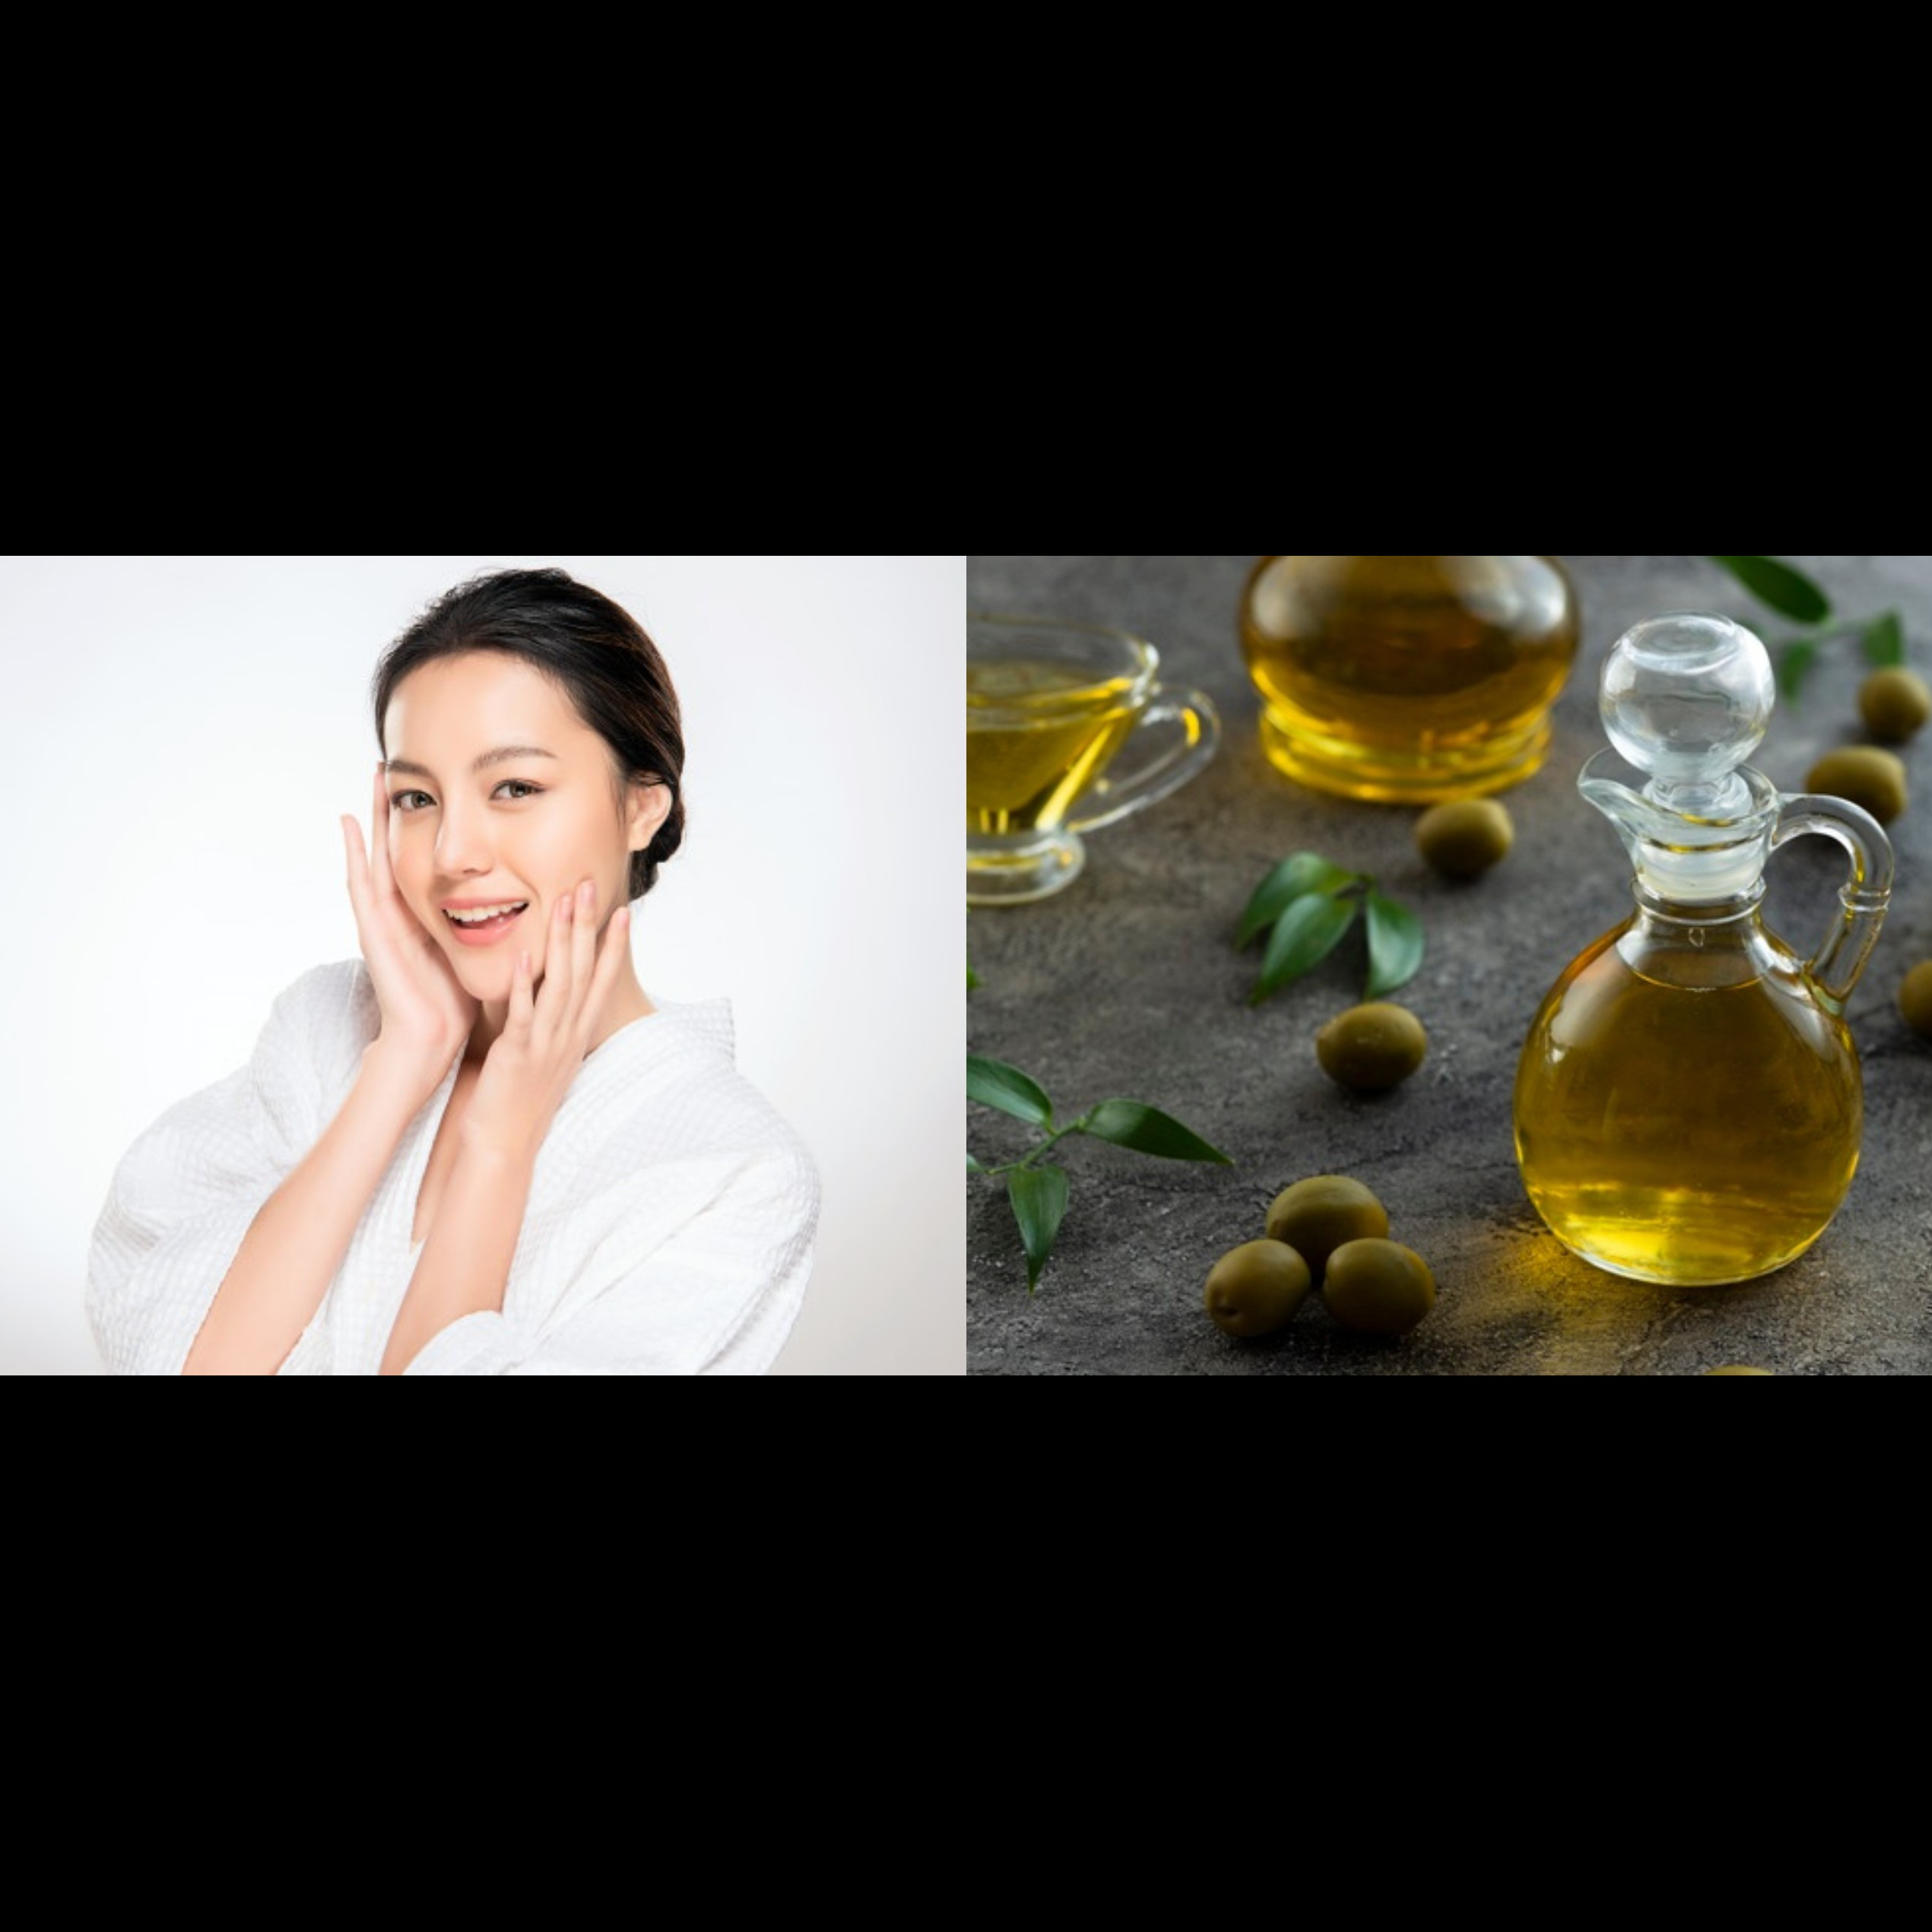 25 Manfaat minyak zaitun untuk kesehatan & kecantikan, cerahkan kulit